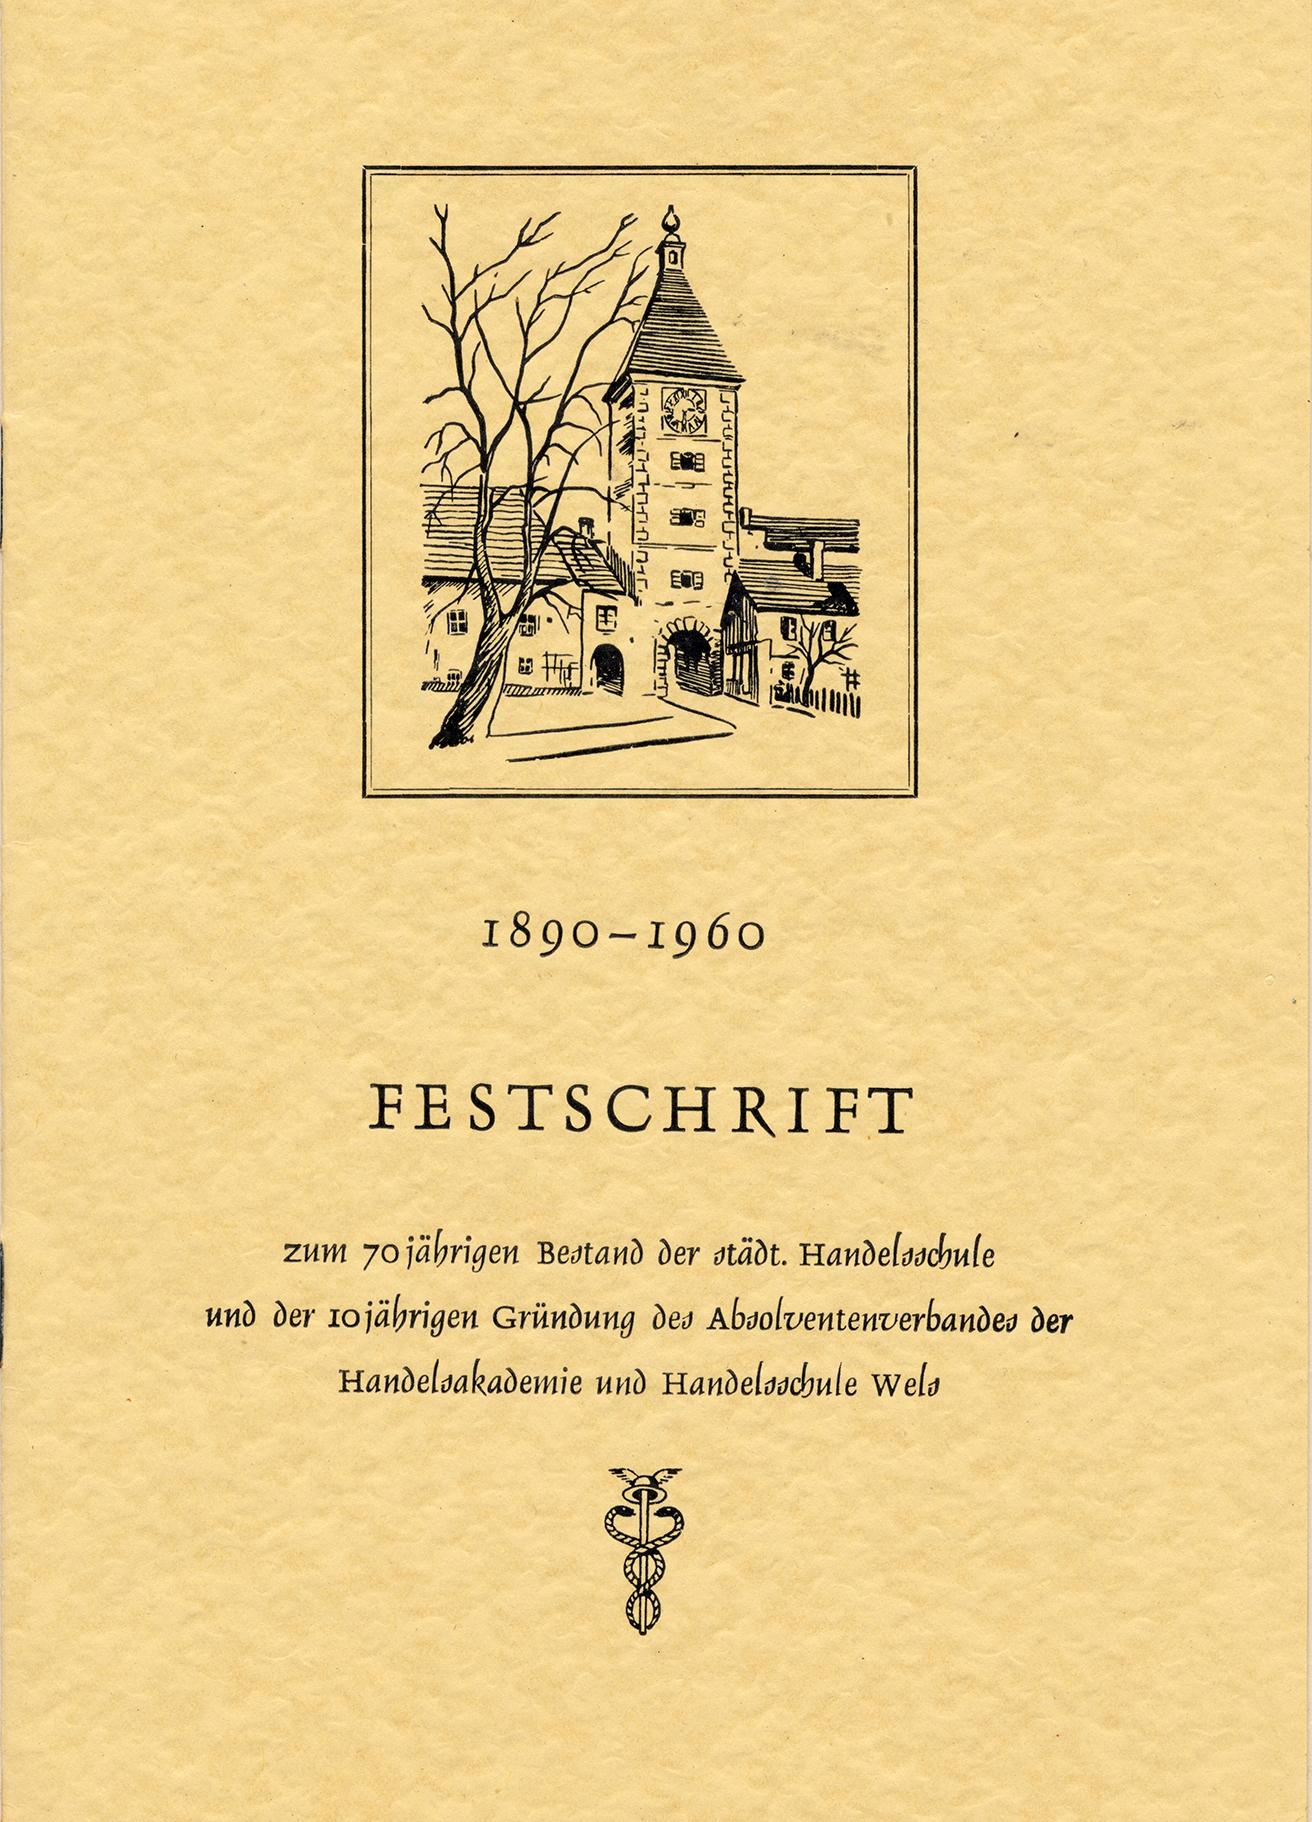 70 Jahre HAS 10 Jahre AbsV Festschrift